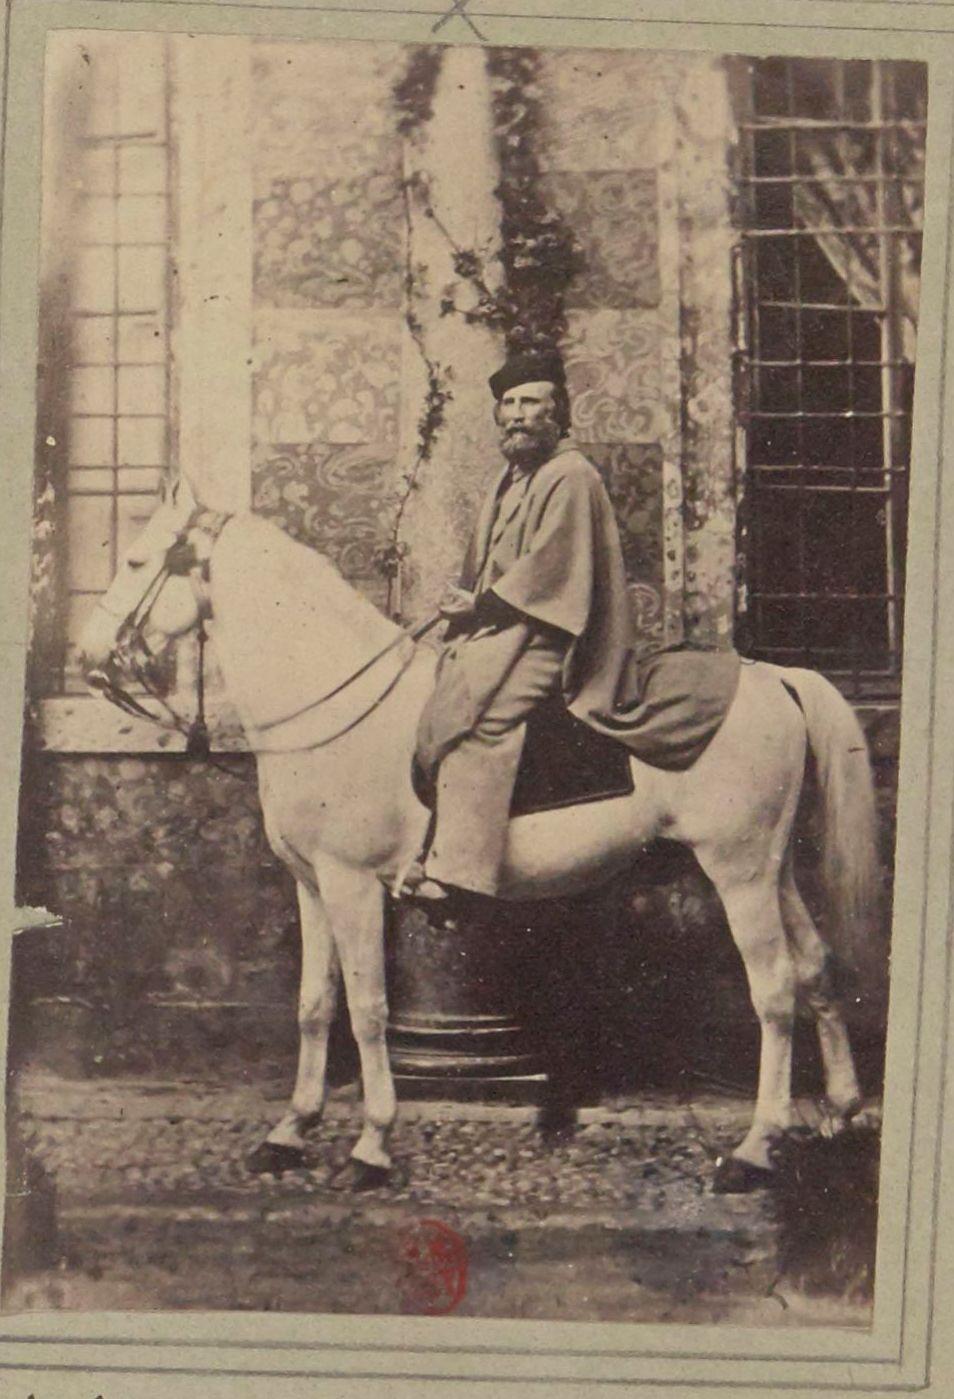 1861. Джузеппе Гарибальди(4 июля 1807, Ницца — 2 июня 1882, остров Капрера) — итальянский полководец, революционер и политический деятель